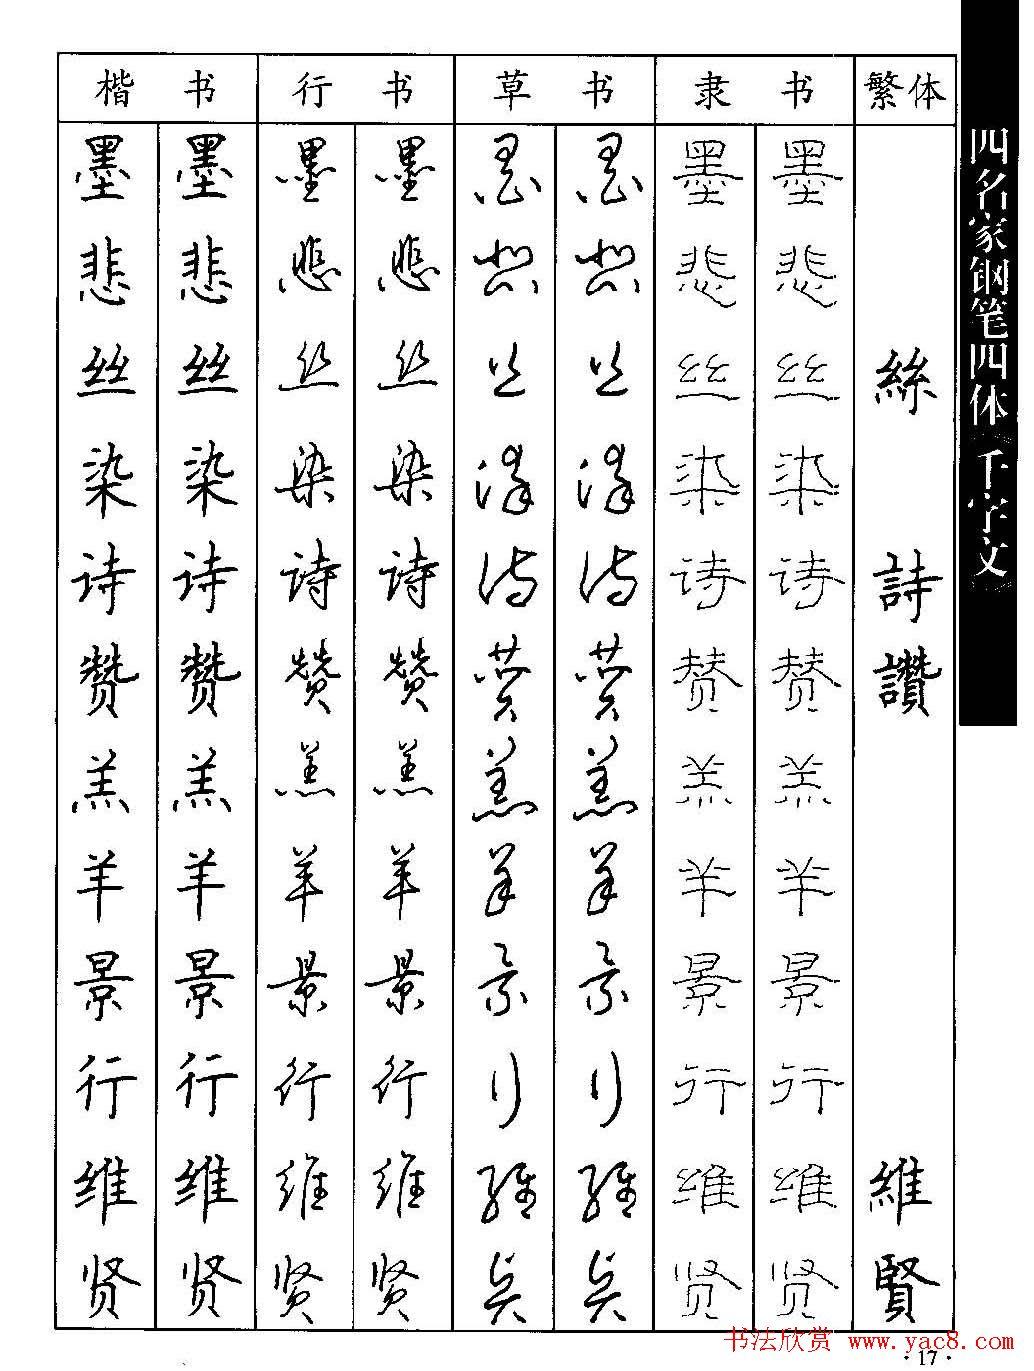 名家钢笔楷行草隶四体千字文字帖(17)图片